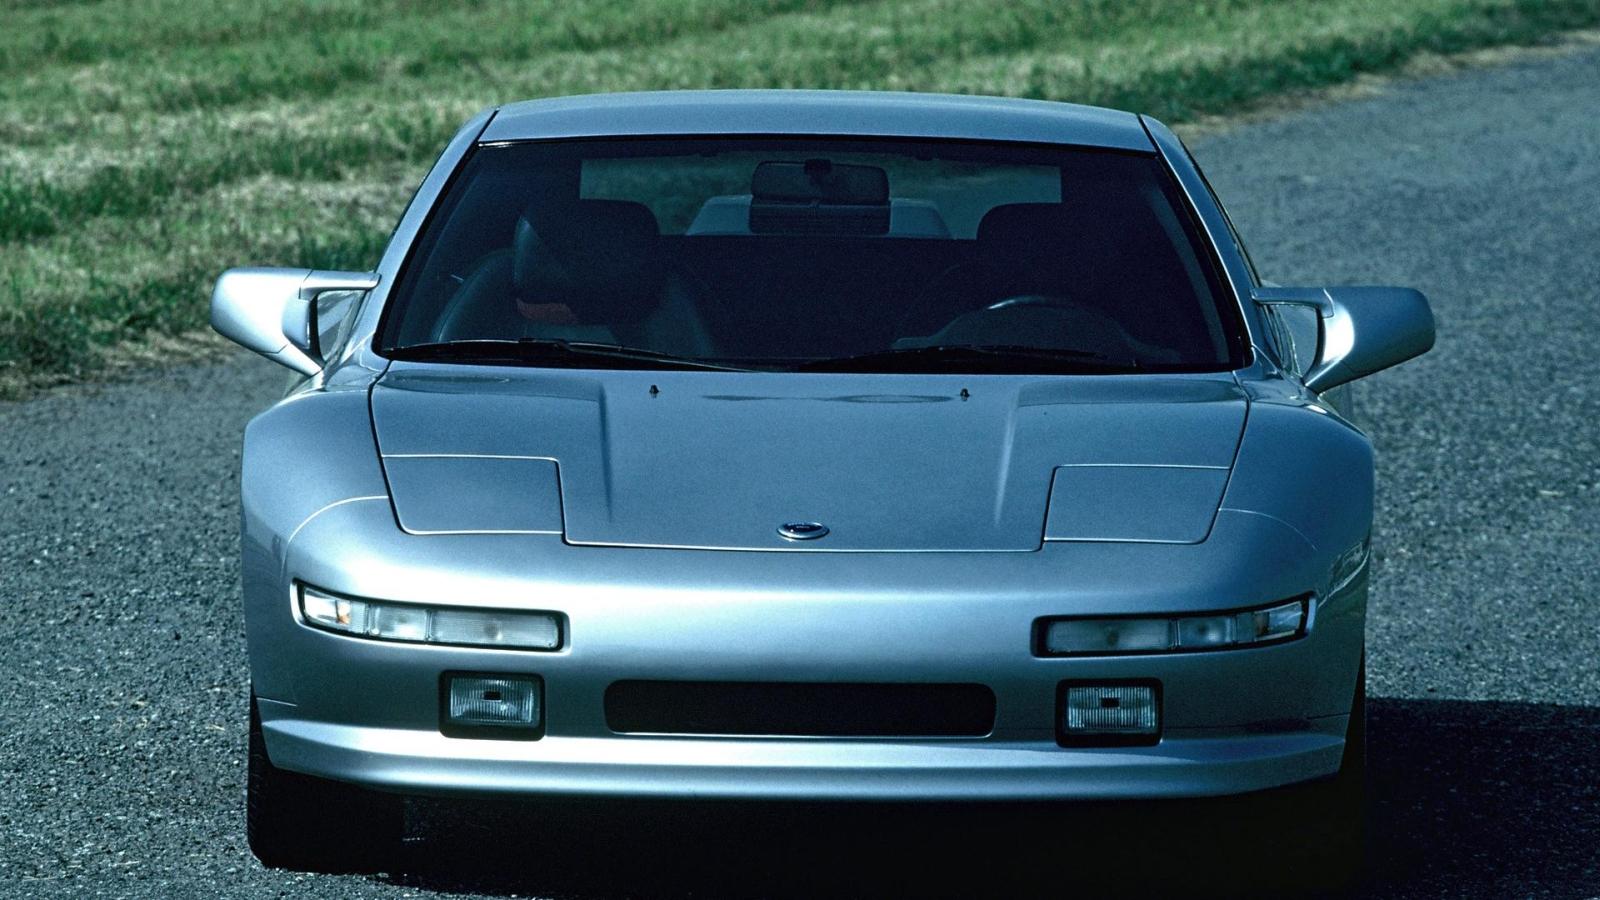 Nissan MID4, vyzerá ako NSX ale je to predchodca GT-R